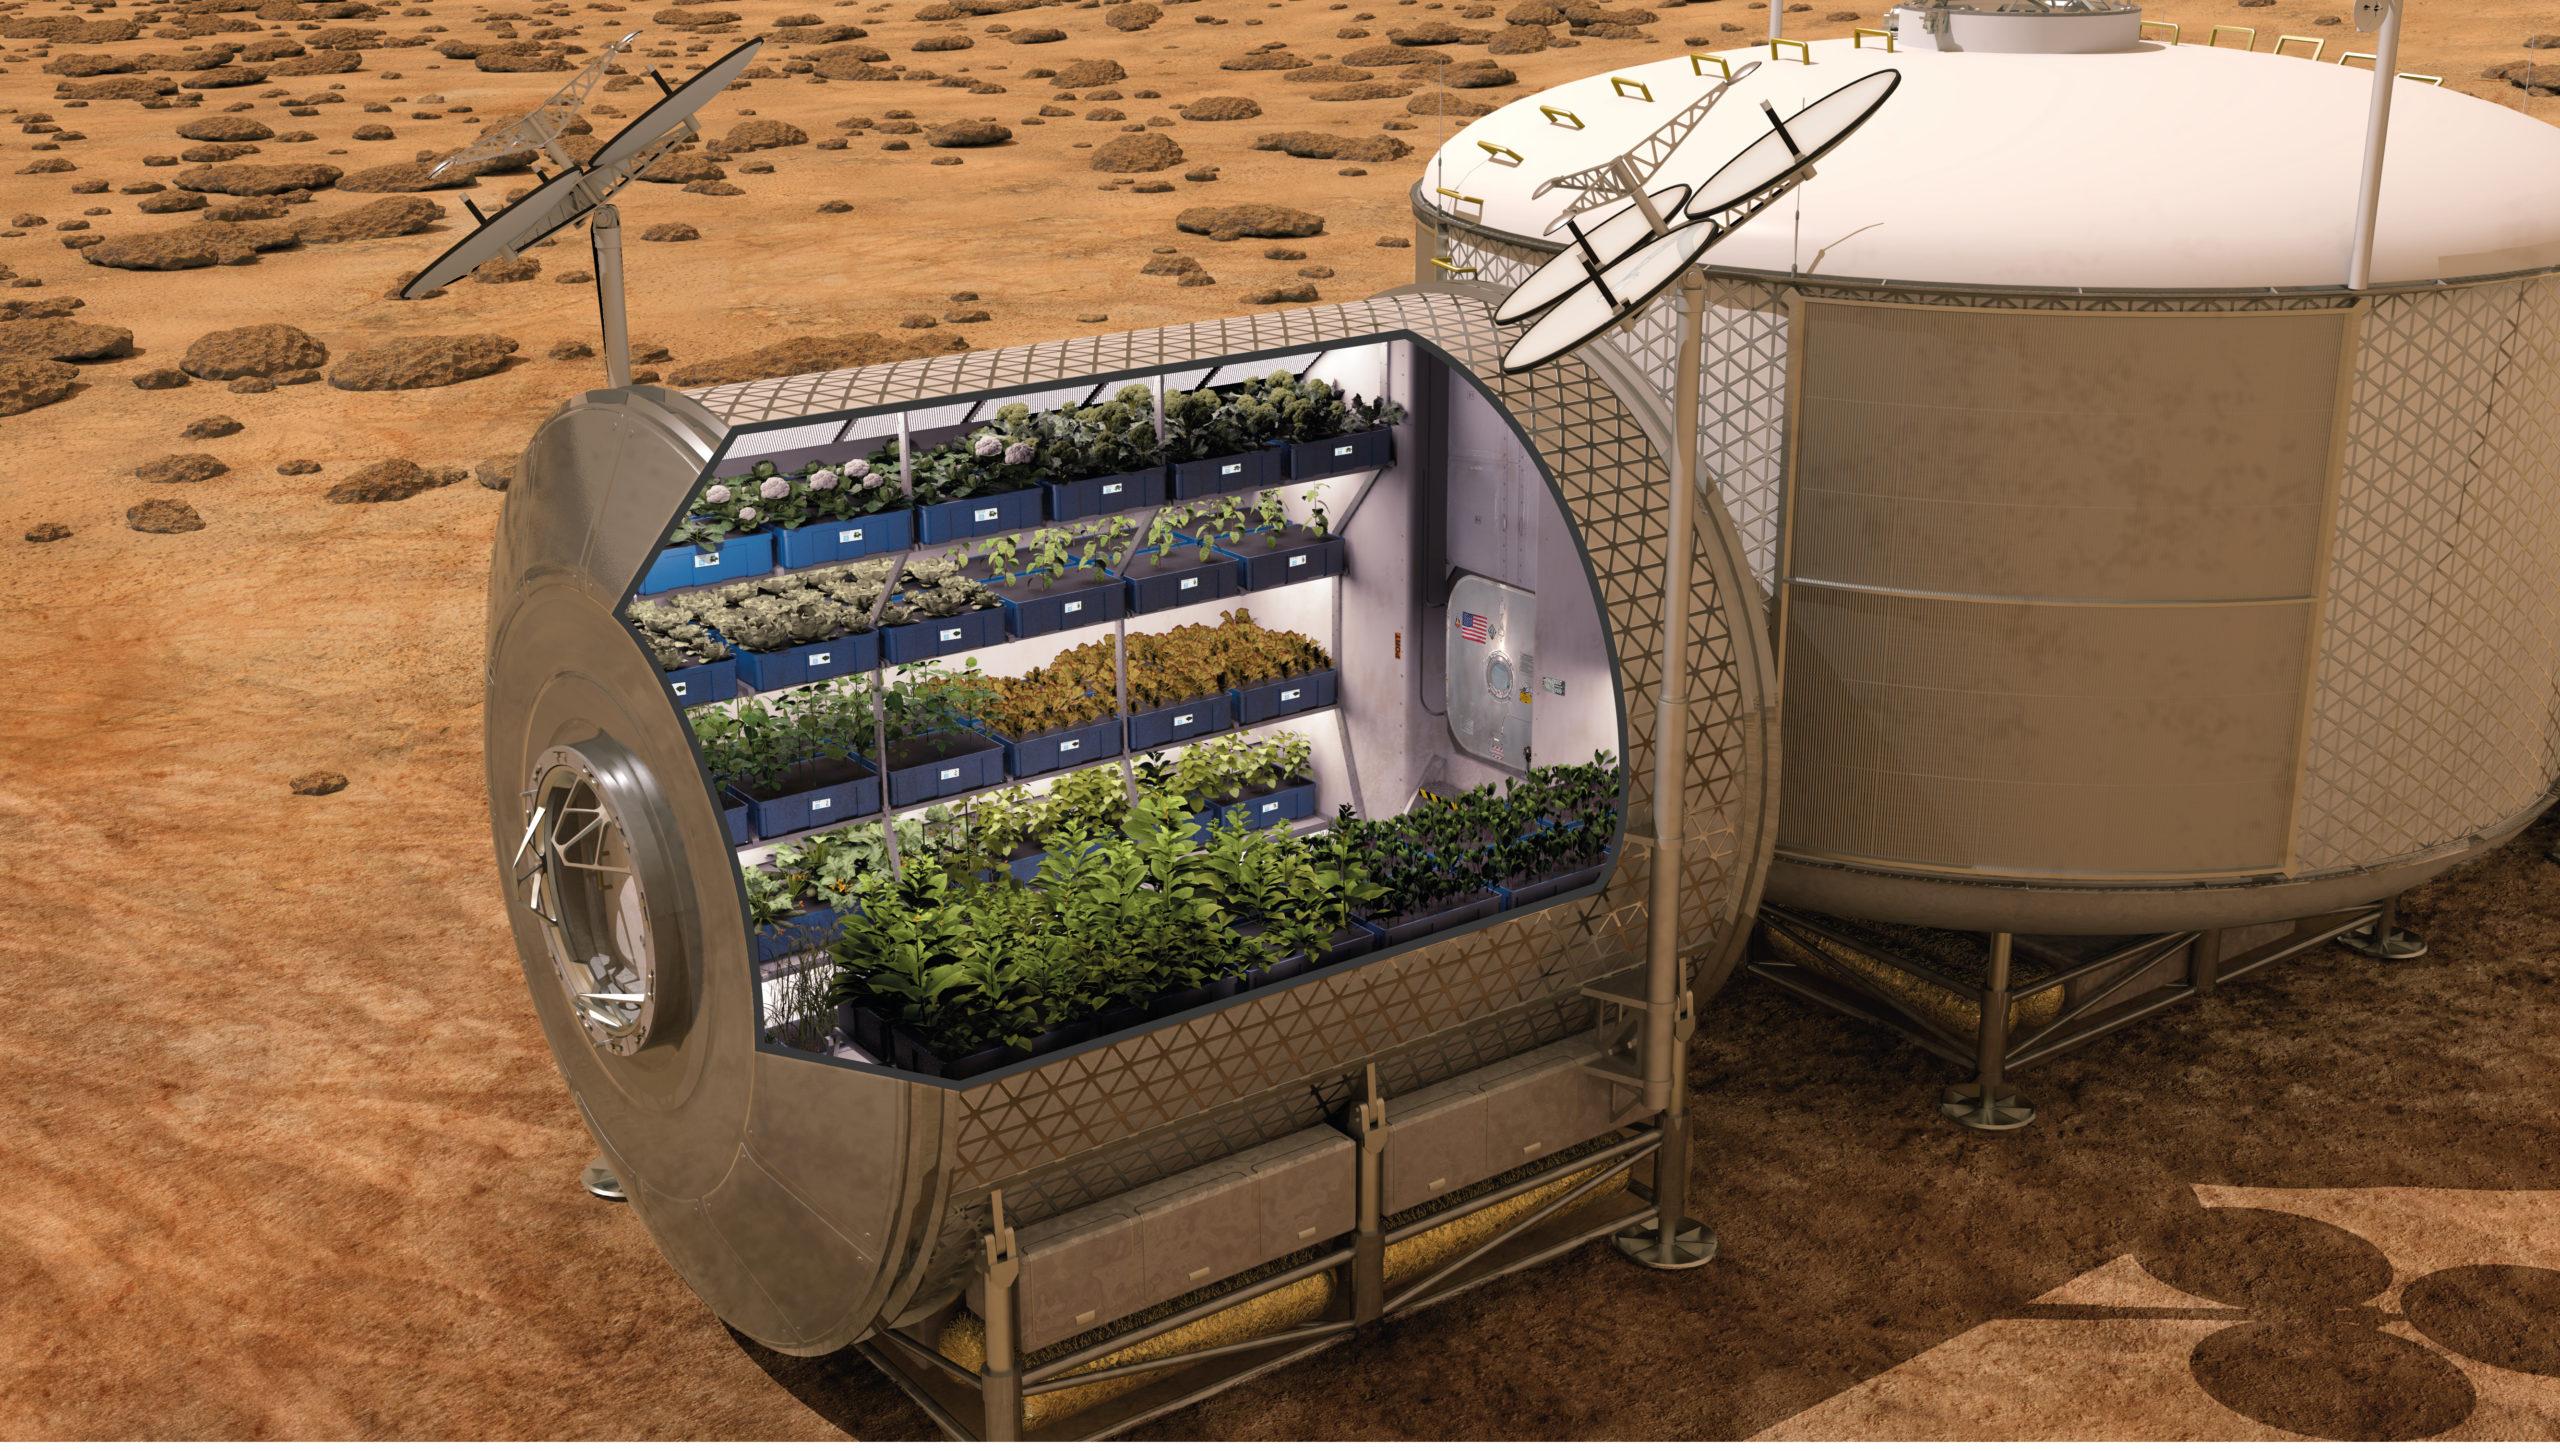 Concurso busca recetas con papas que se cultivarían en Marte